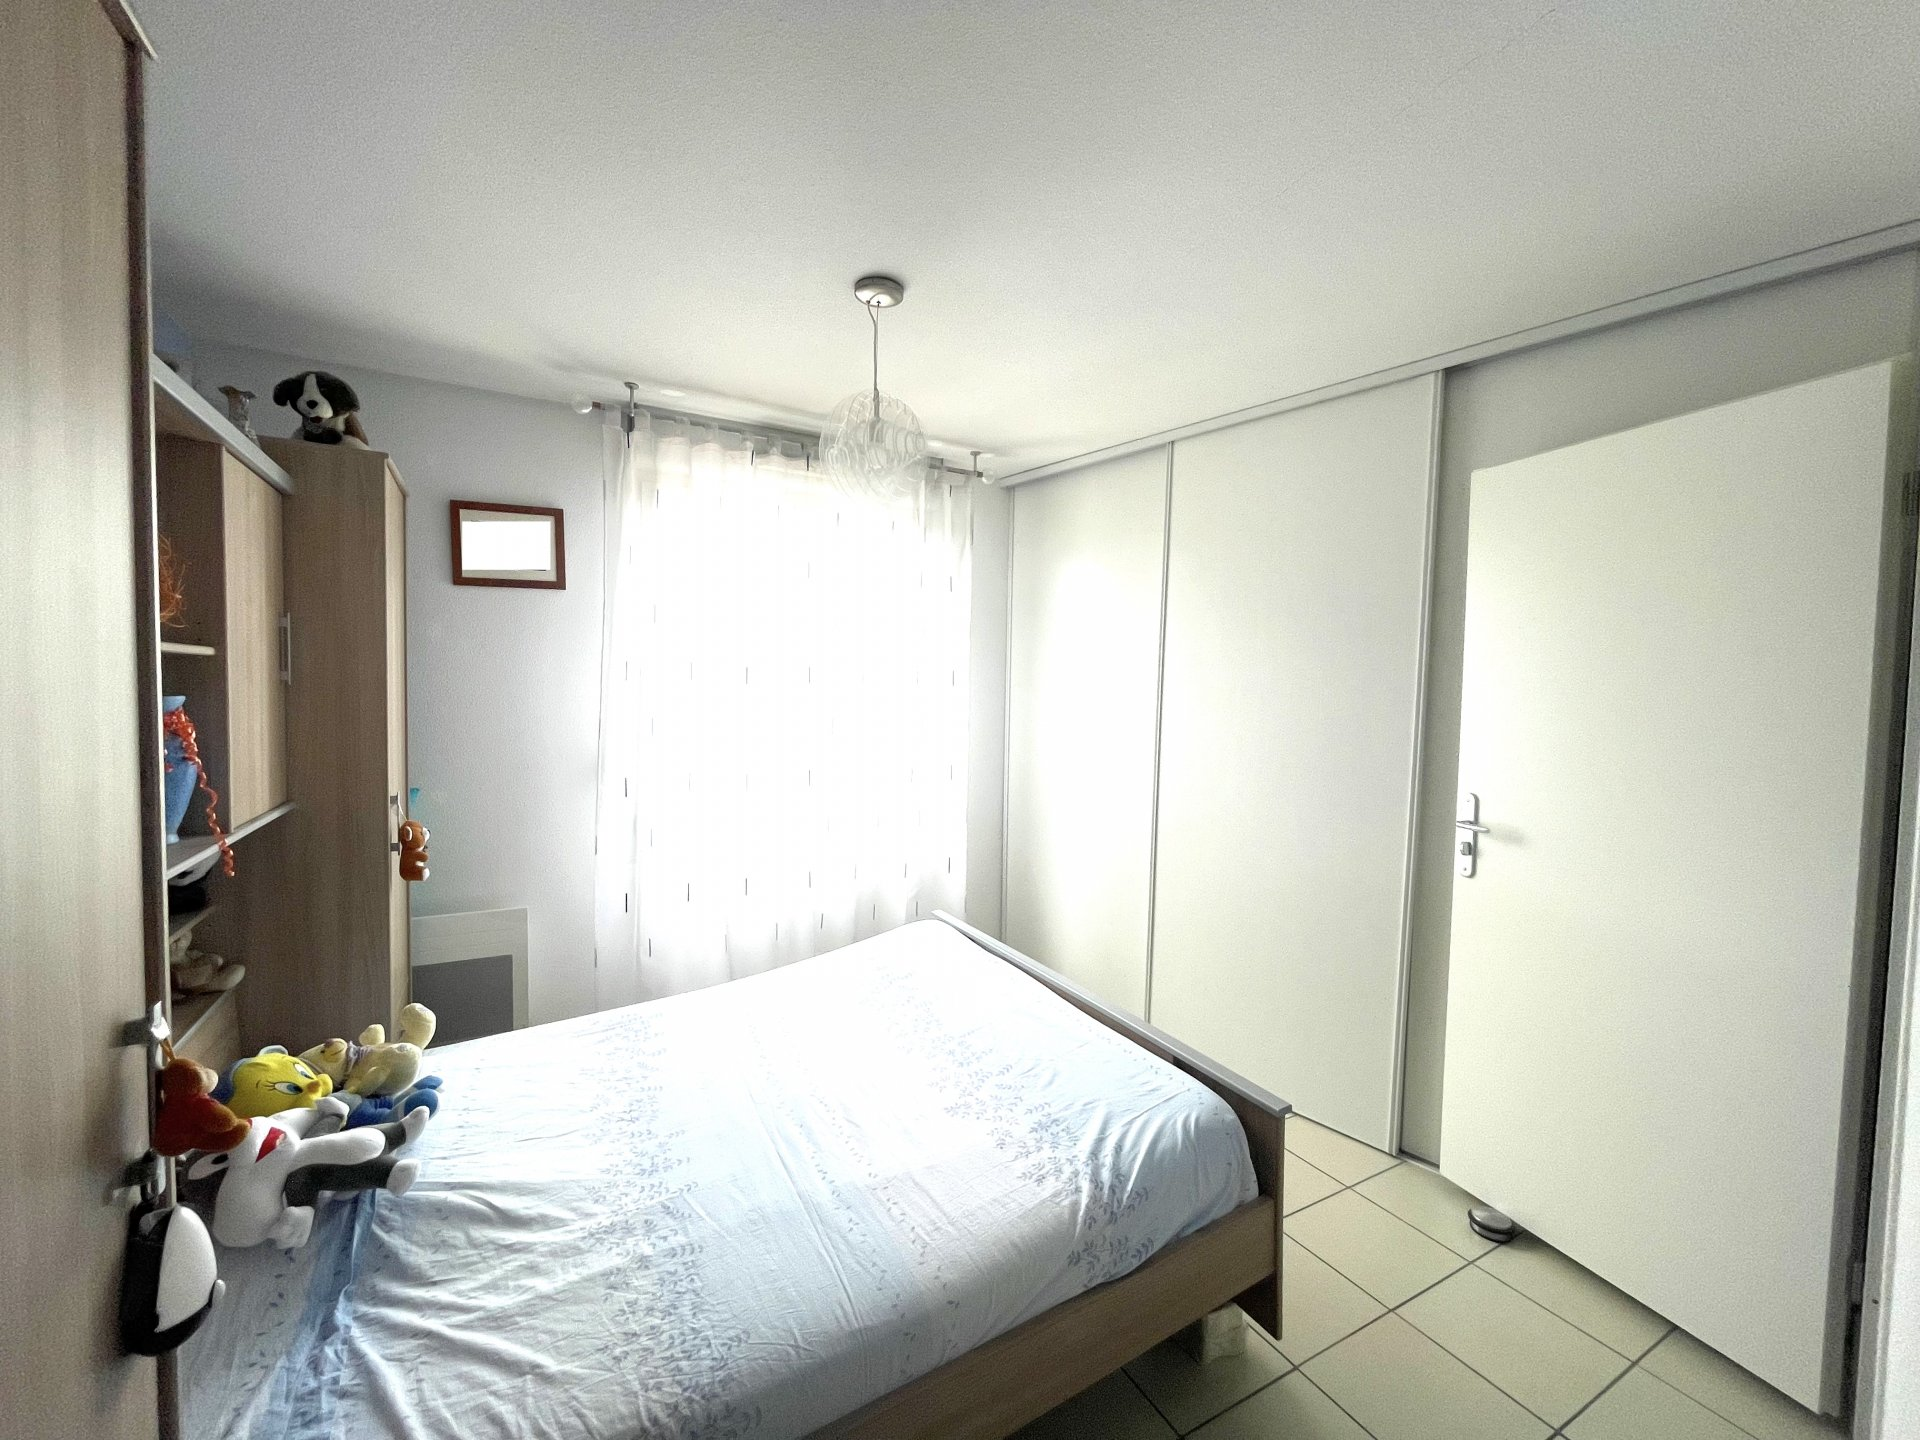 Vendu LOUÉ : Appartement T4 au dernier étage avec terrasse